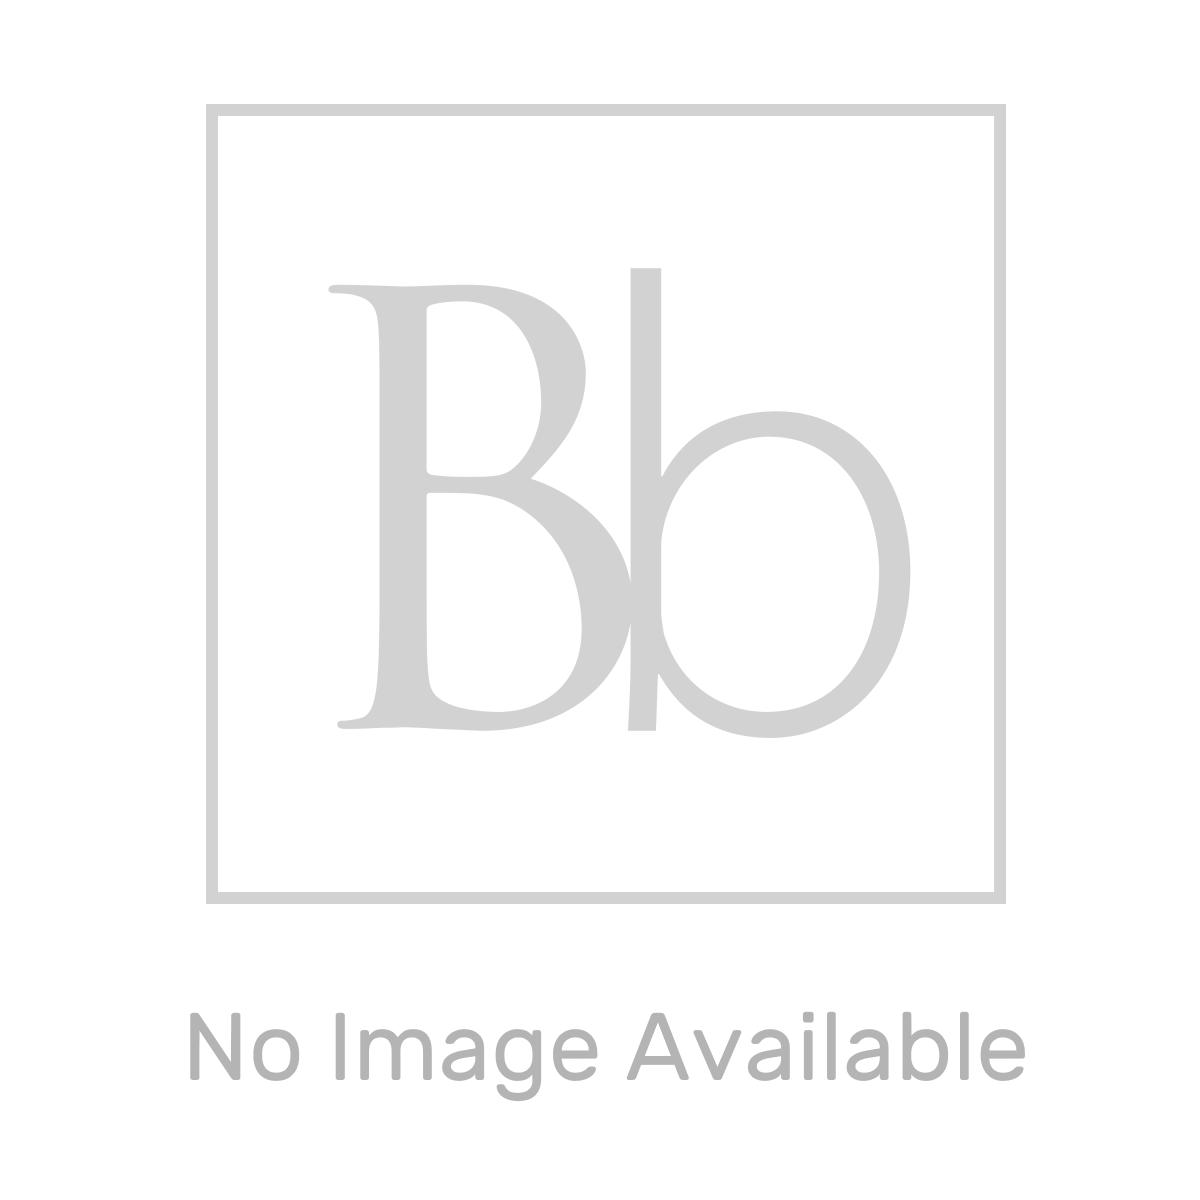 RAK Compact Semi Recessed Basin 400mm Measurements